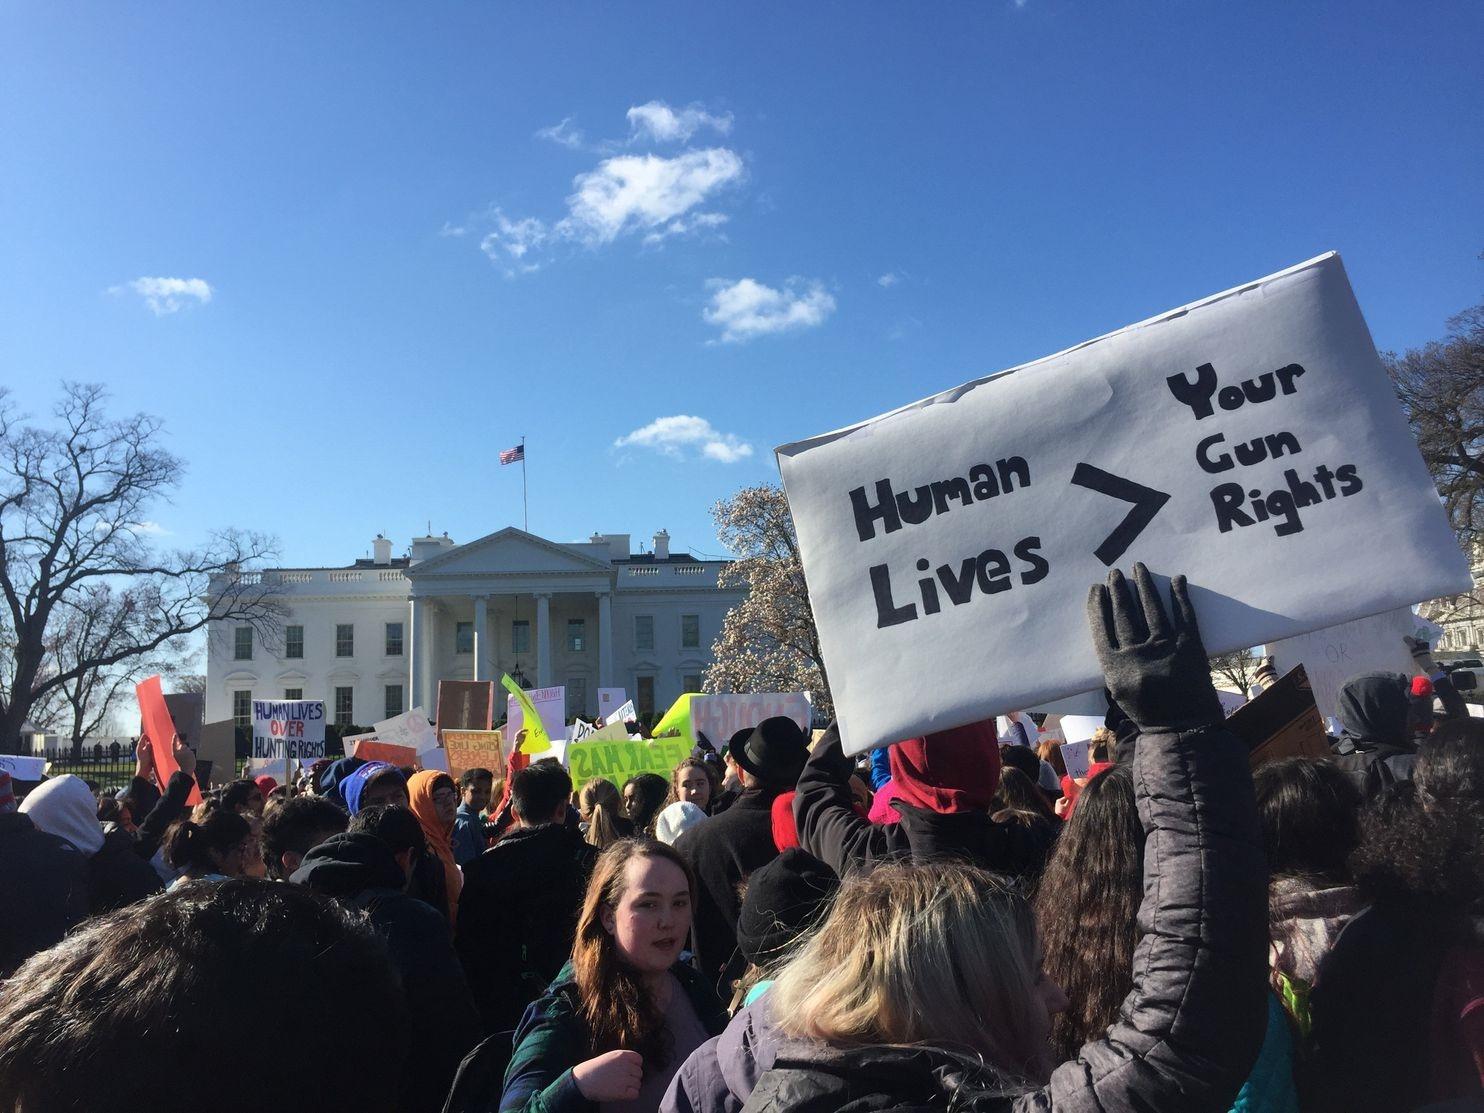 عکس روز: تظاهرات ضد اسلحه